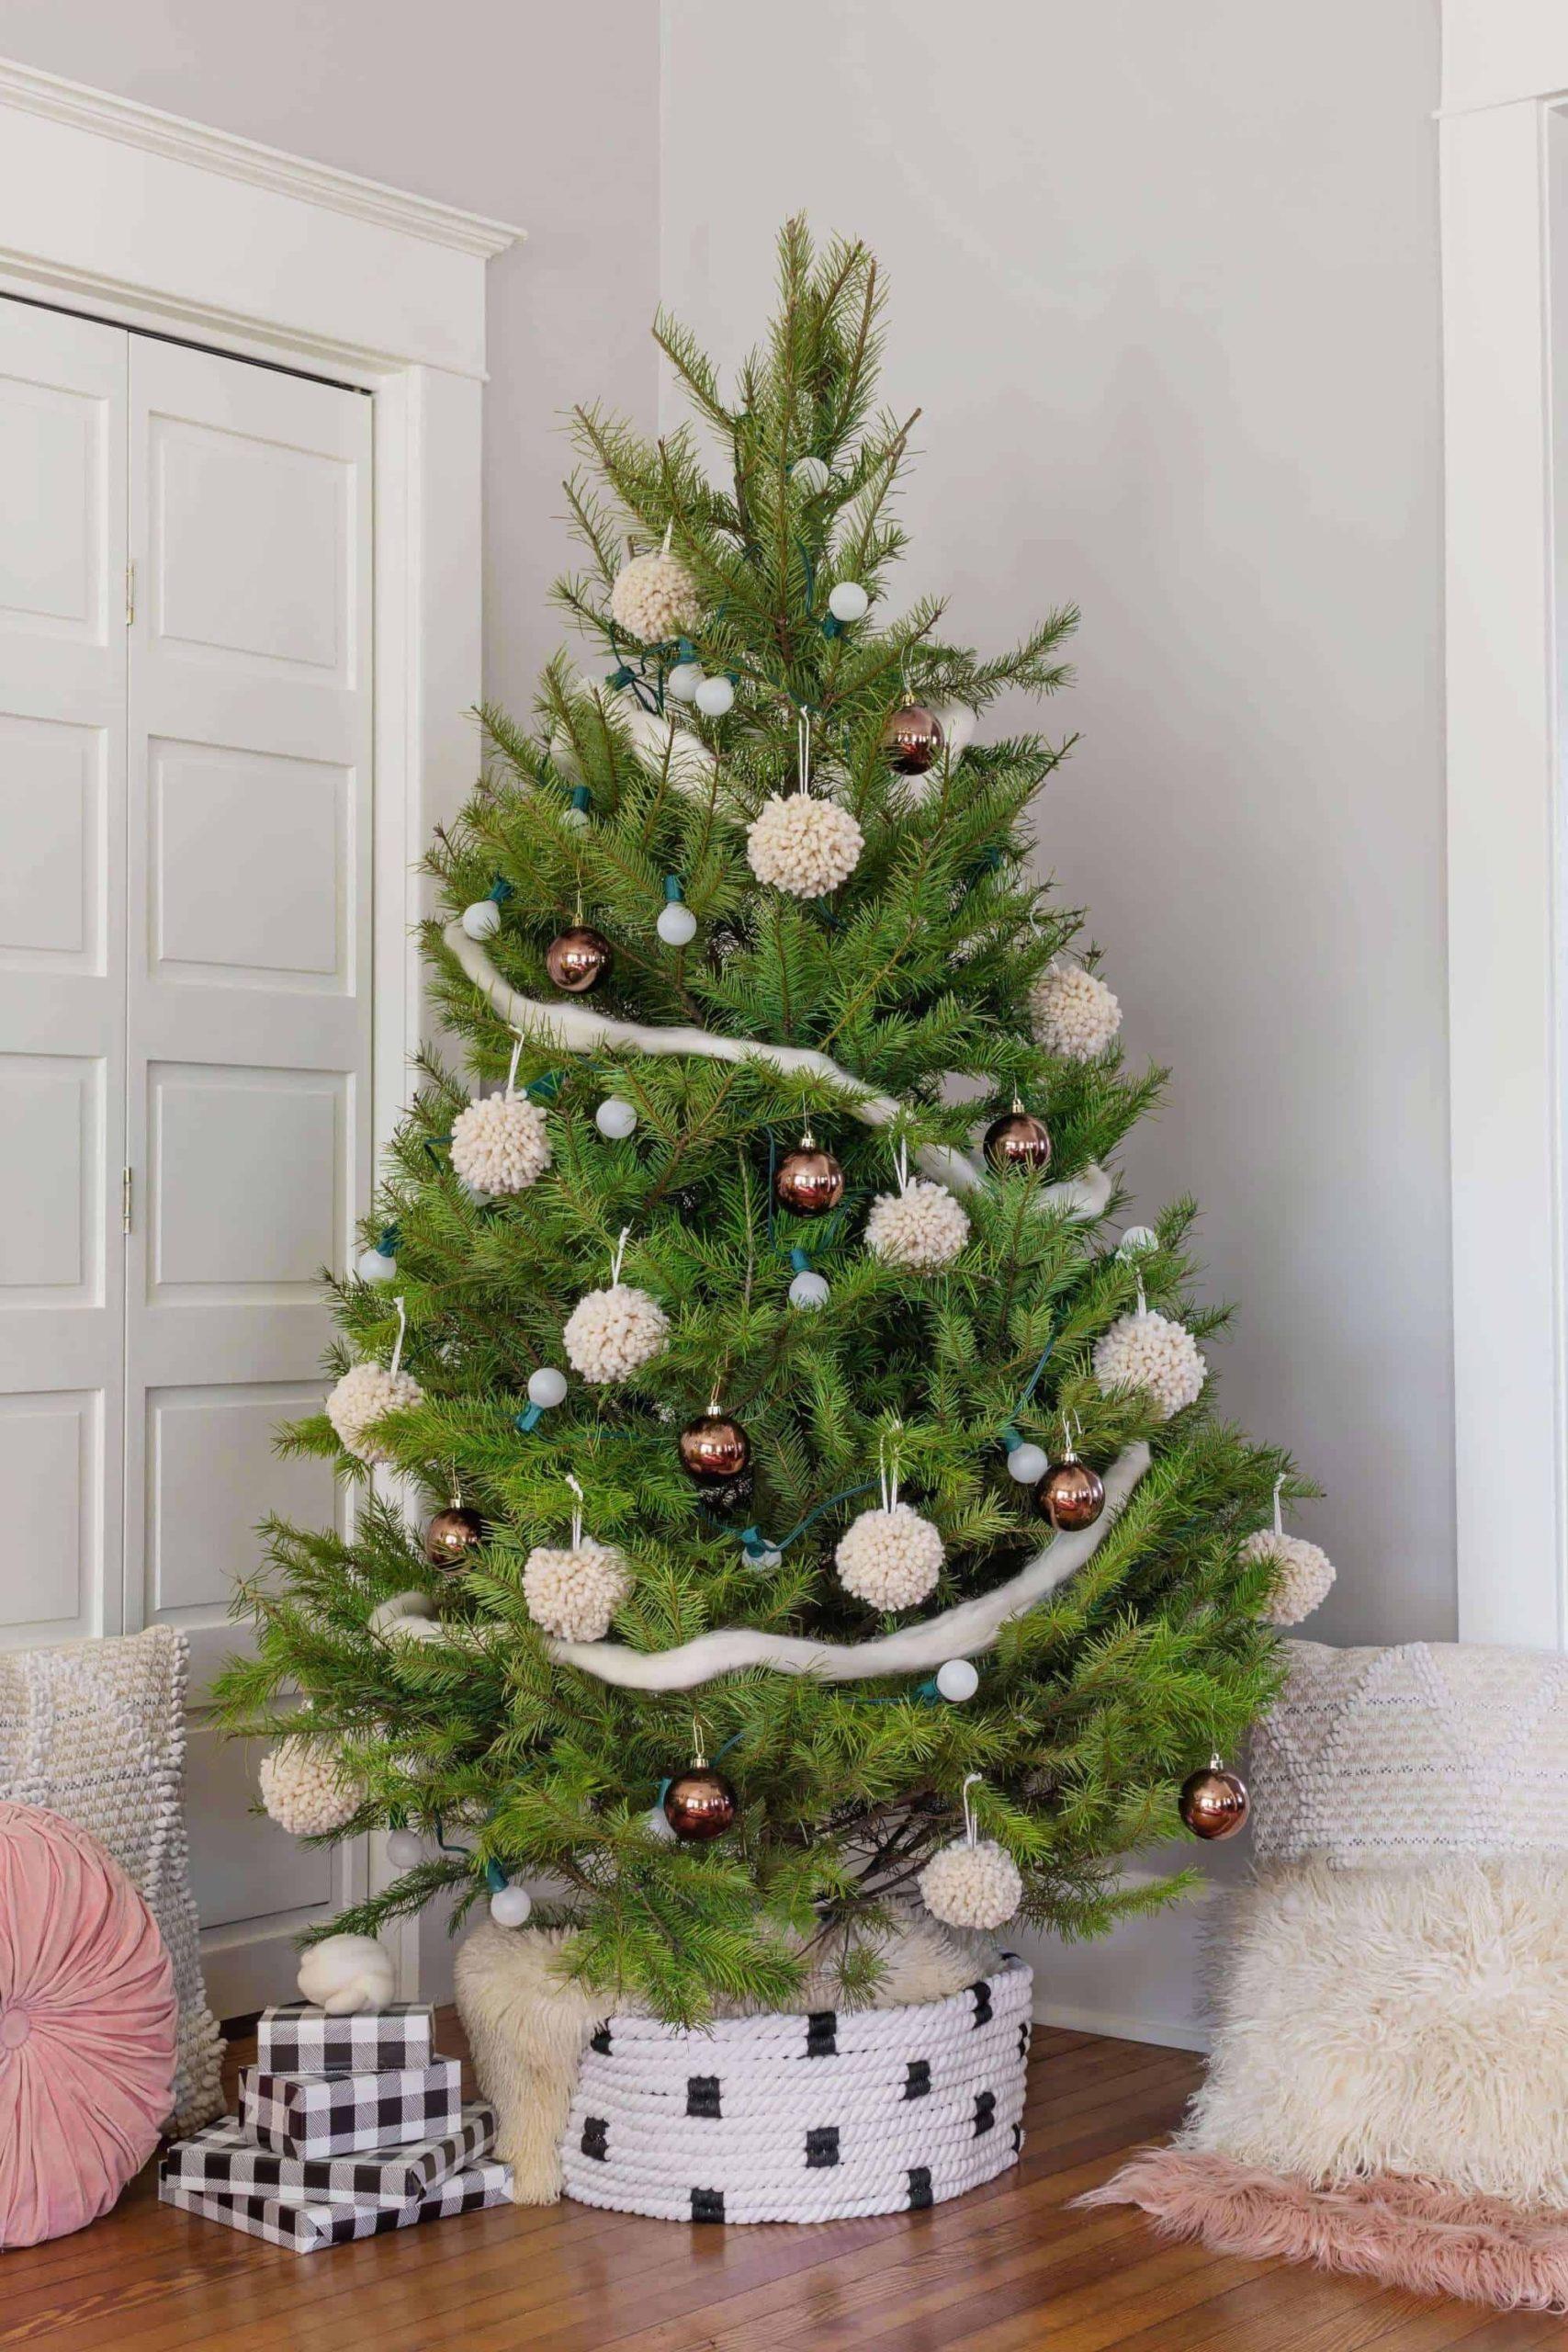 Décoration festive pour votre maison.